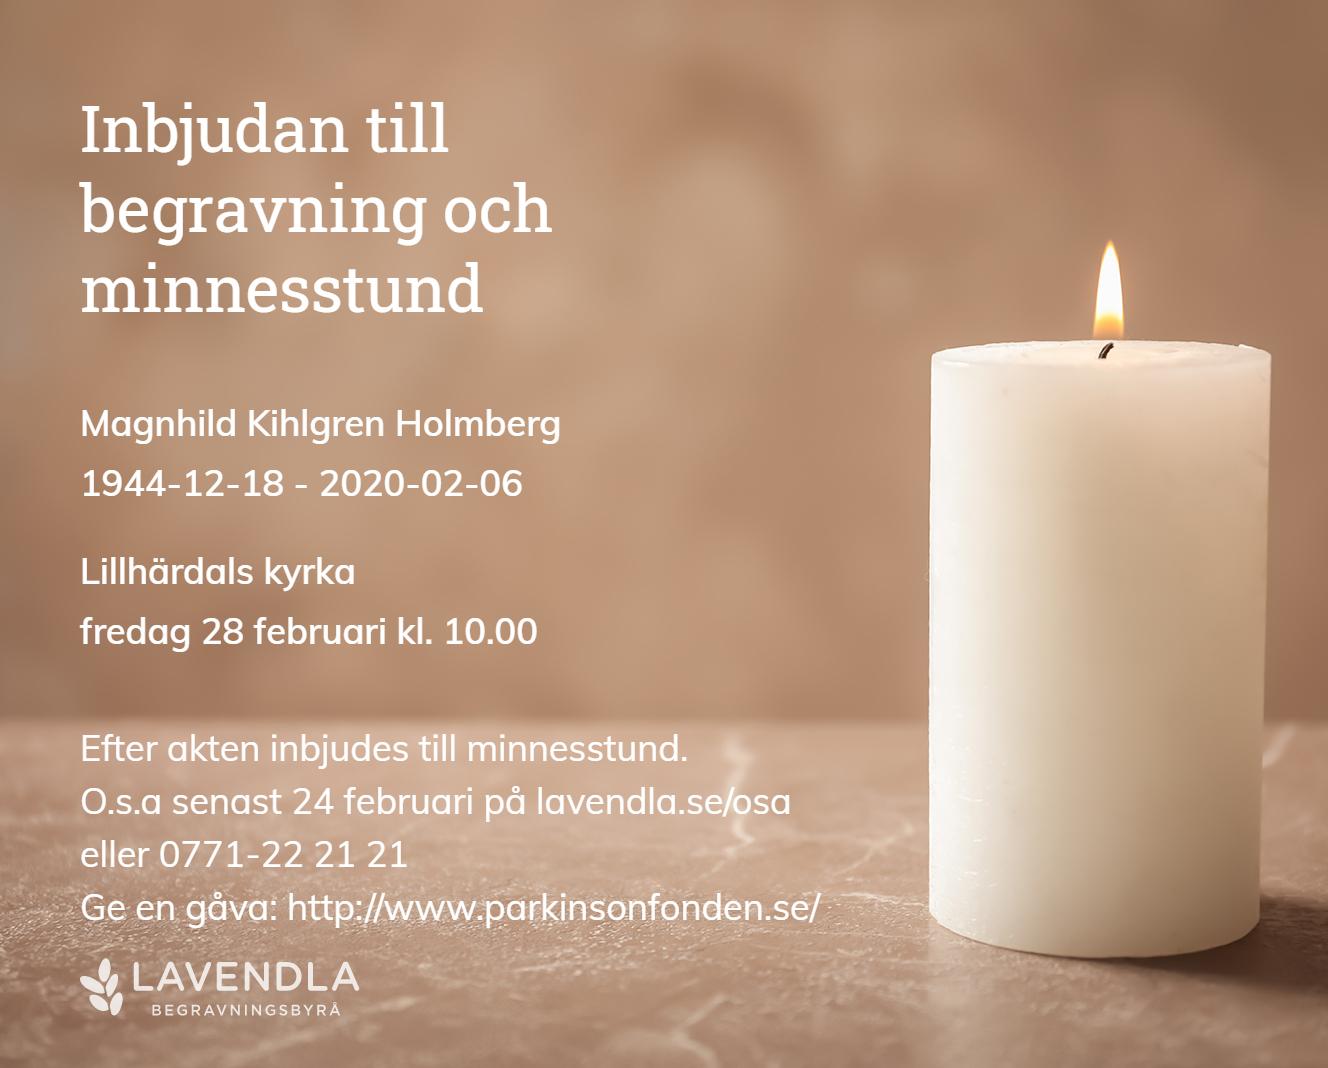 Inbjudningskort till ceremonin för Magnhild Kihlgren Holmberg